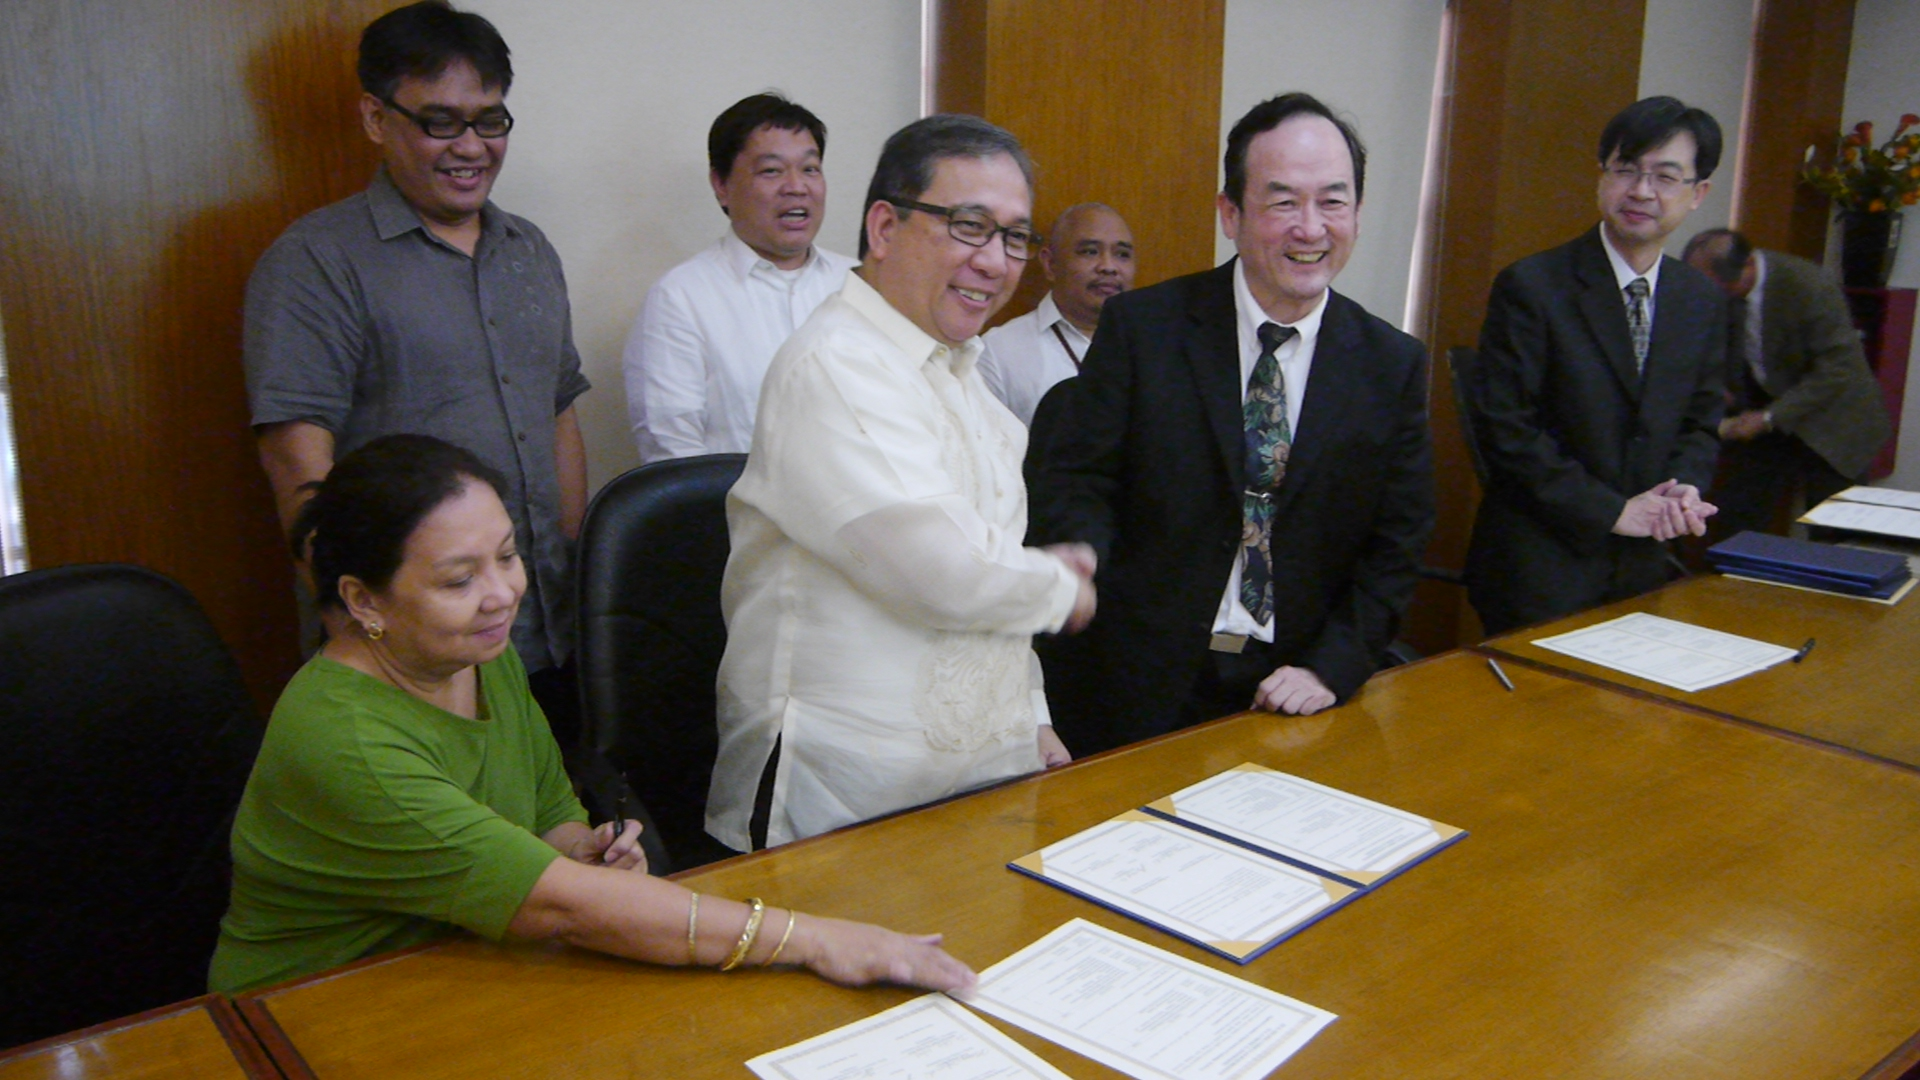 中原大學與菲律賓MAPUA大學簽署「雙邊碩士學位」計畫